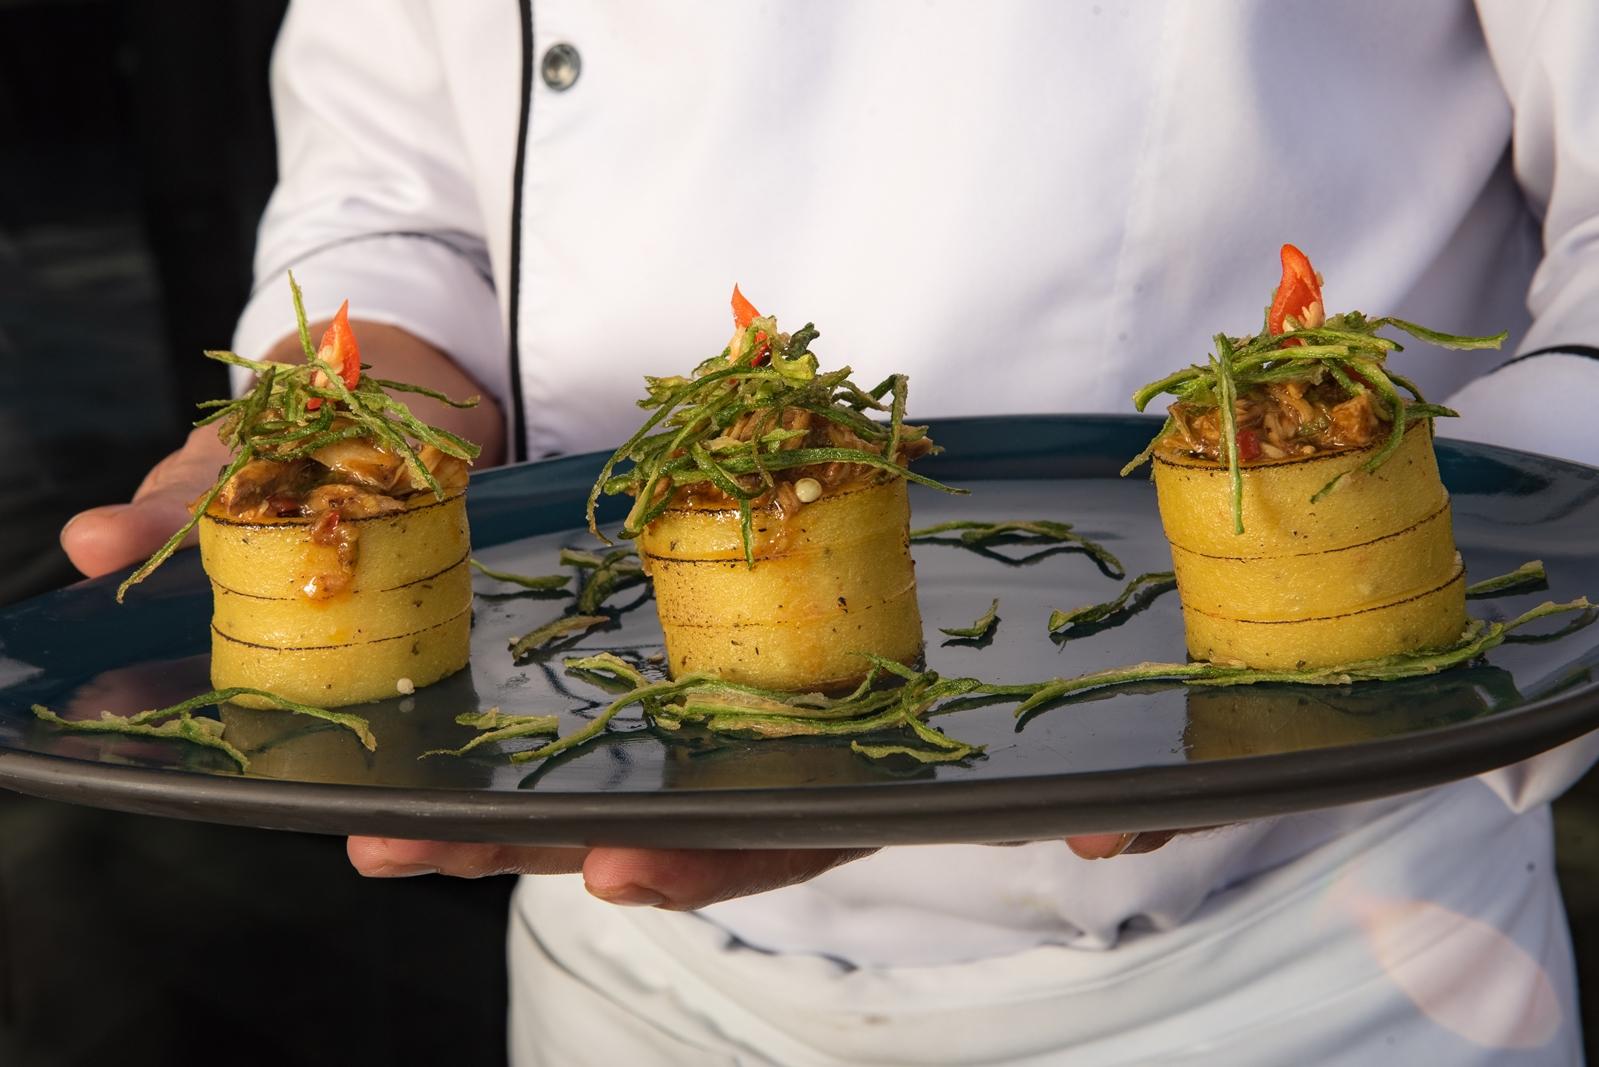 Ragu de frango caipira com polenta | Foto: divulgação